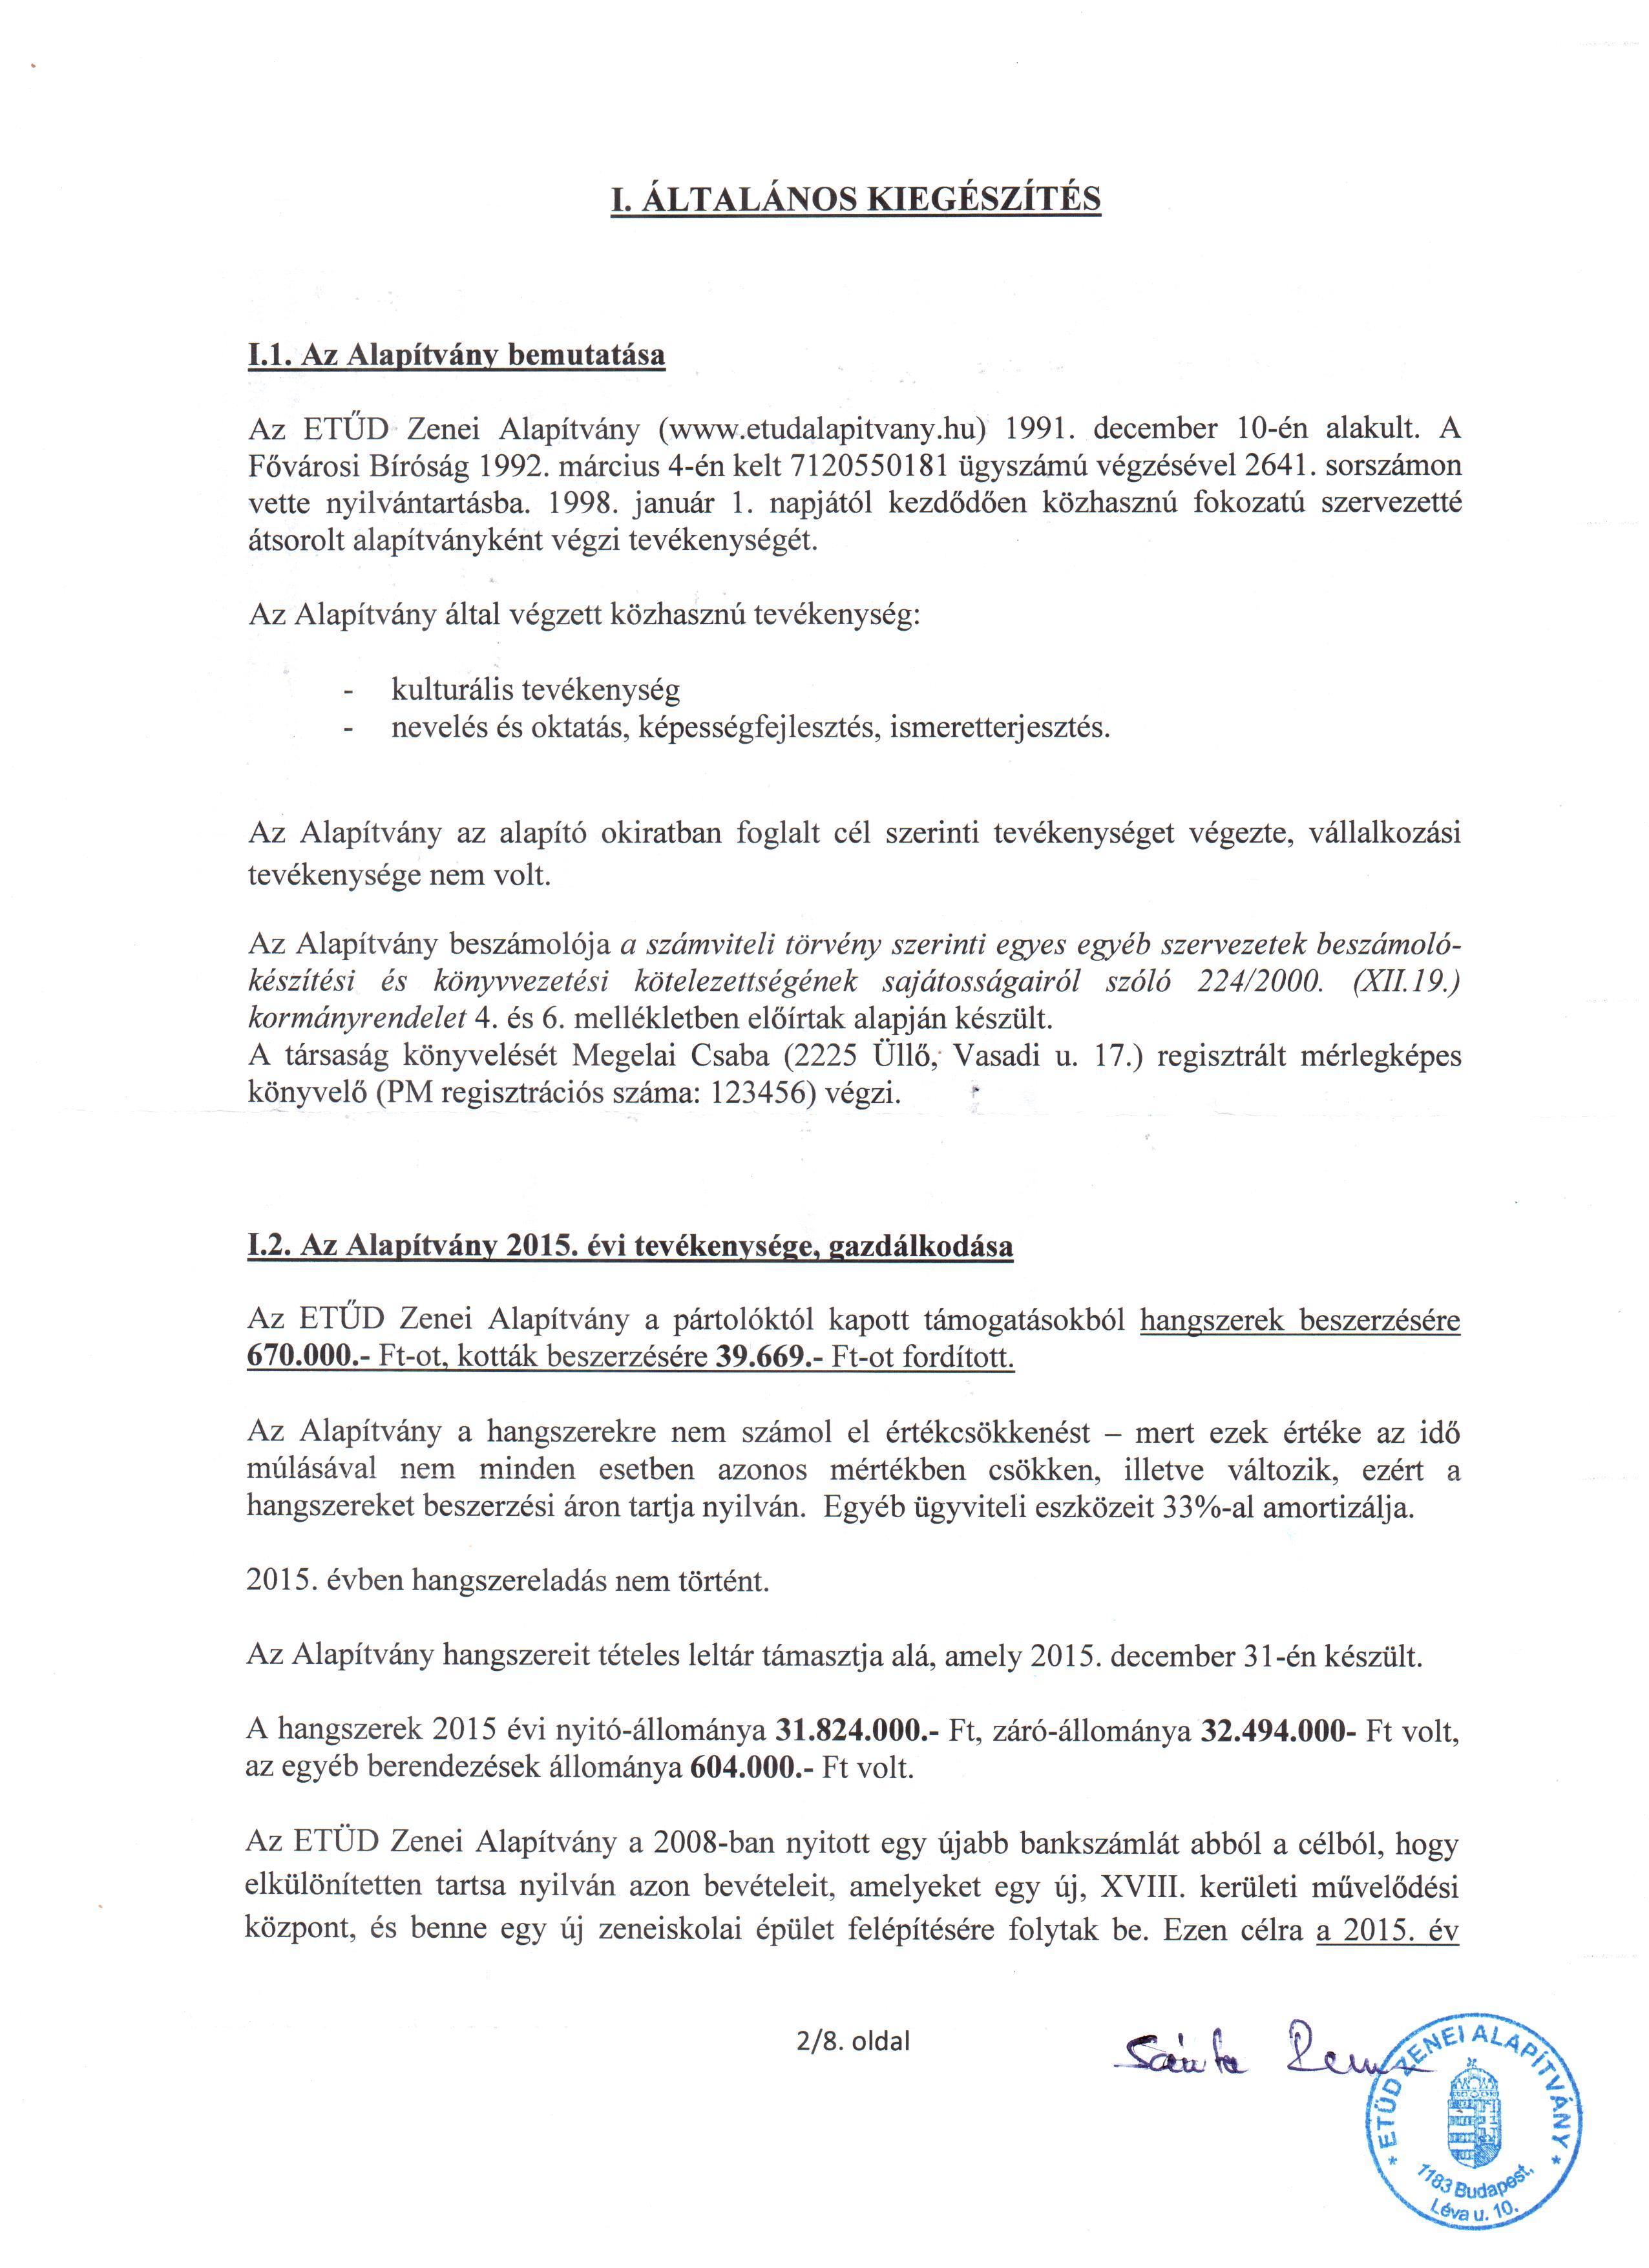 Etüd - Kiegészítő melléklet - 2015. év-2.o.